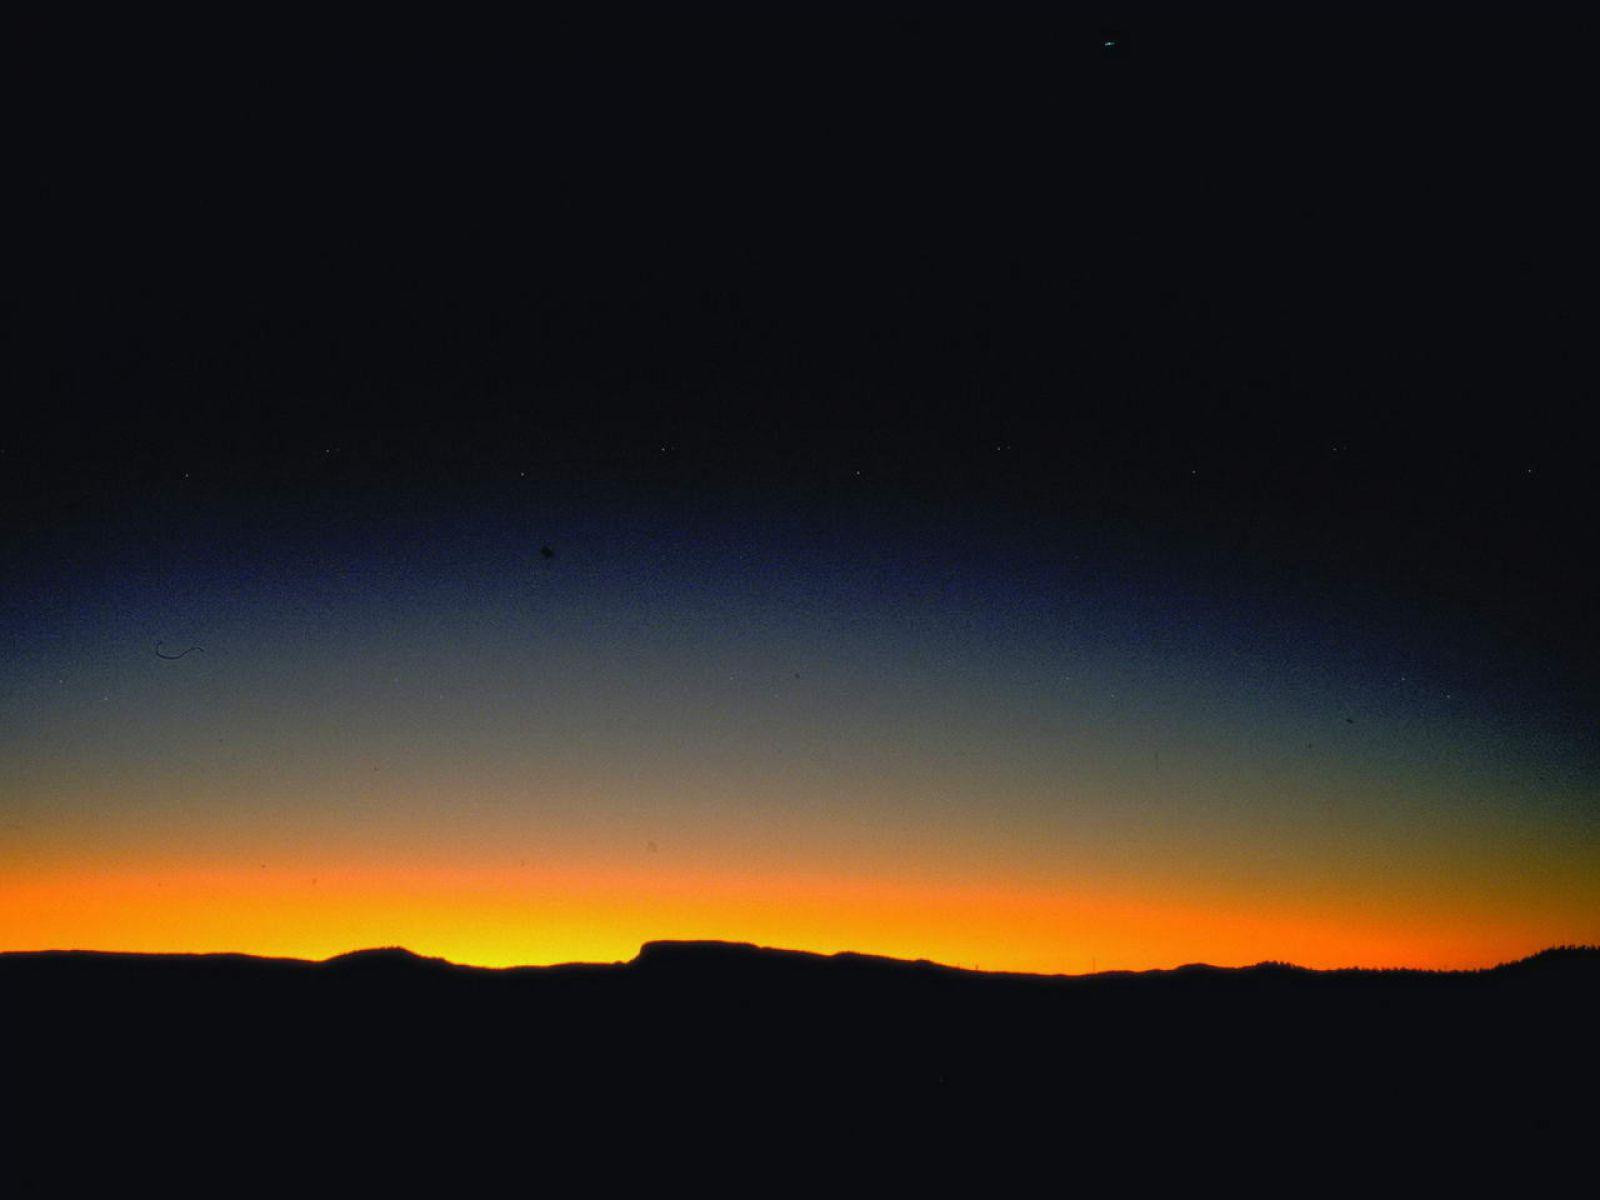 用ps怎樣把白天的風景做成傍晚入夜效果?